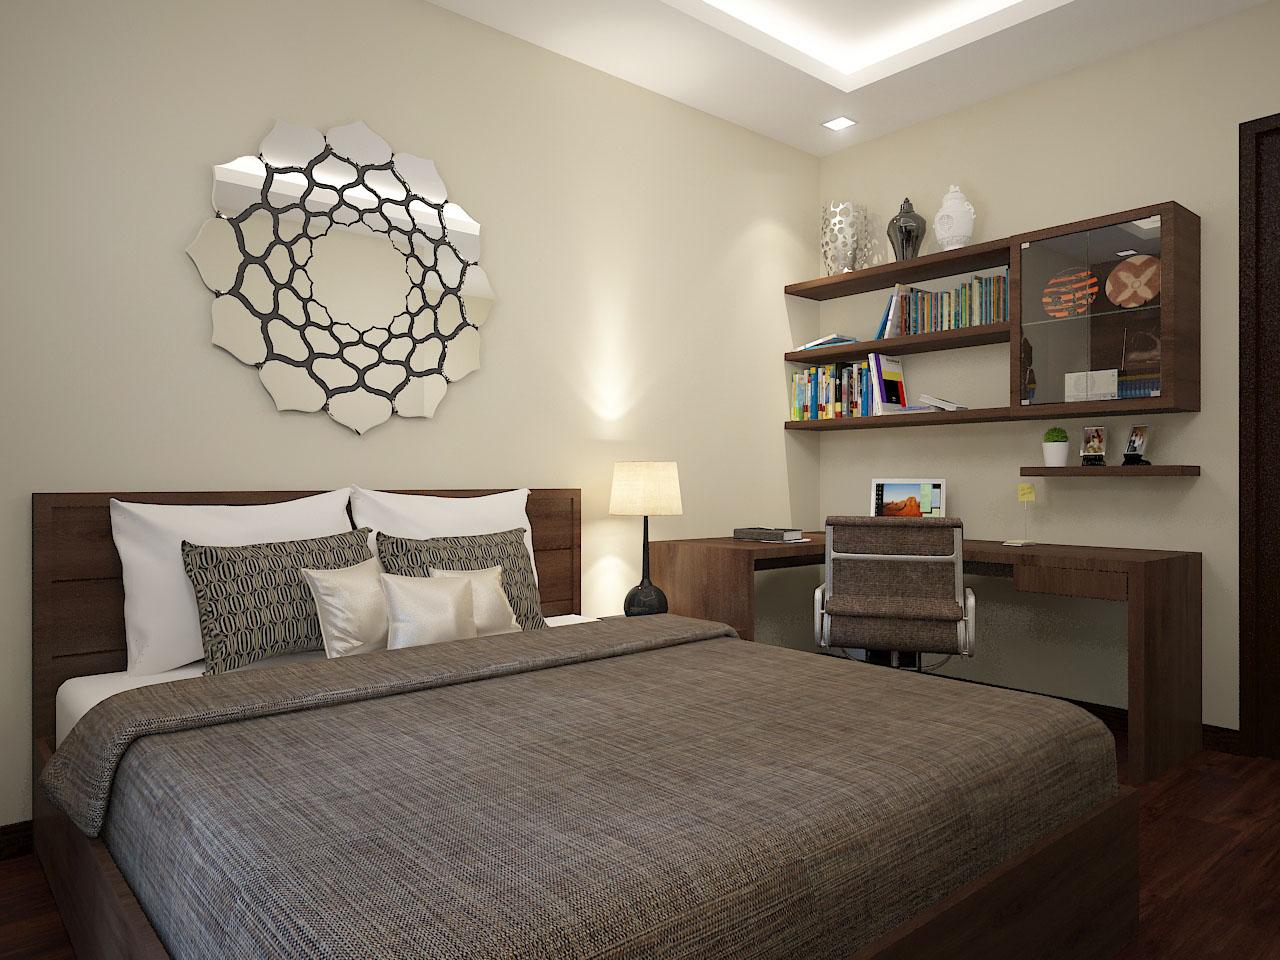 Ivonne-Master-Bedroom-A.jpg